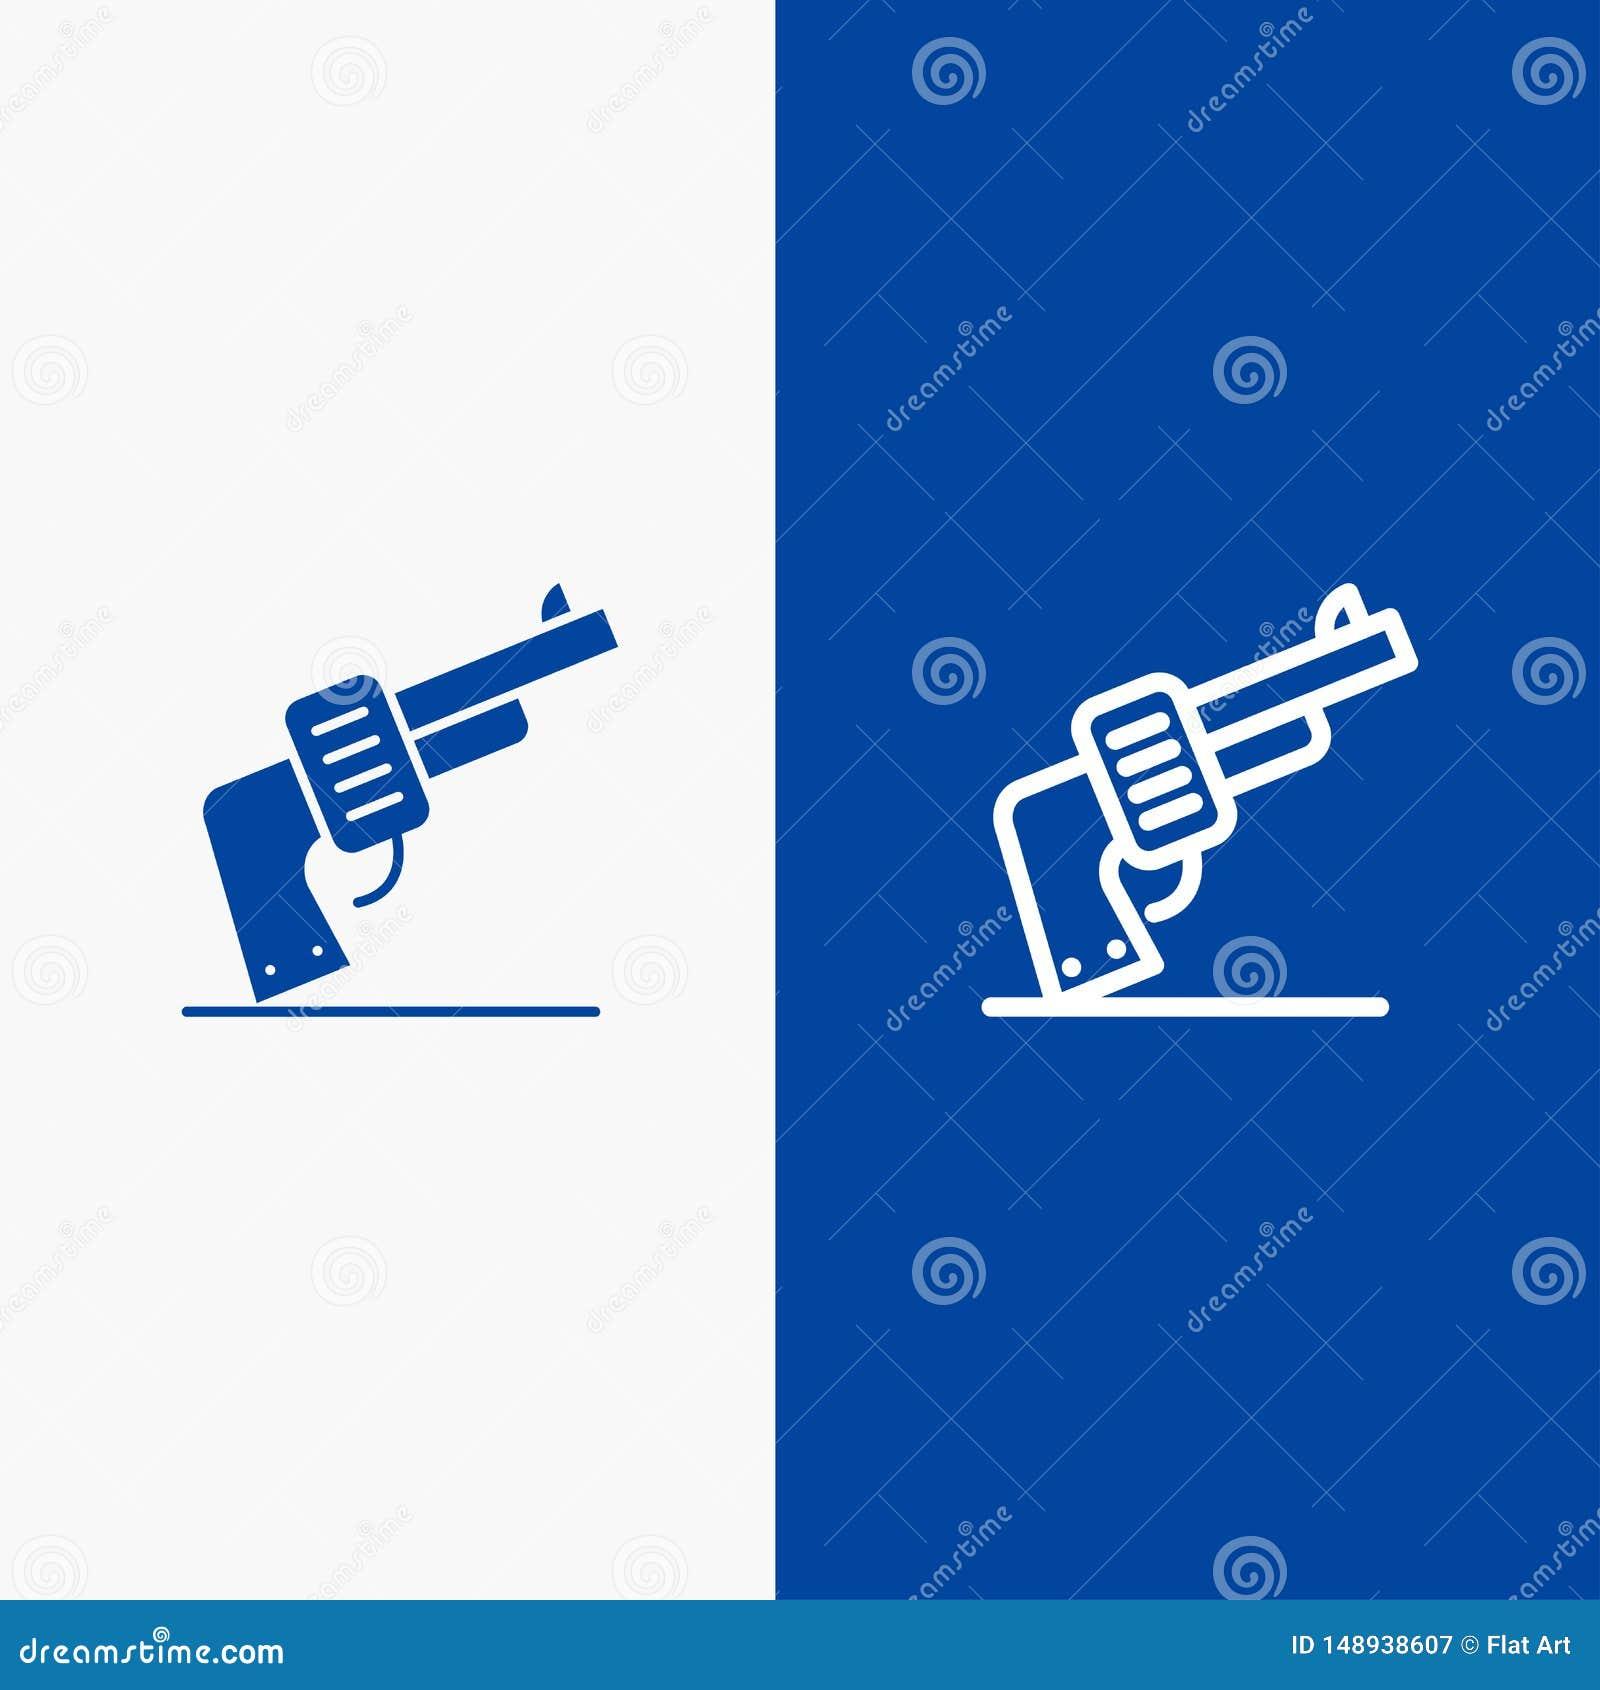 枪、手、武器,美国线和纵的沟纹坚实象蓝色旗和纵的沟纹坚实象蓝色横幅